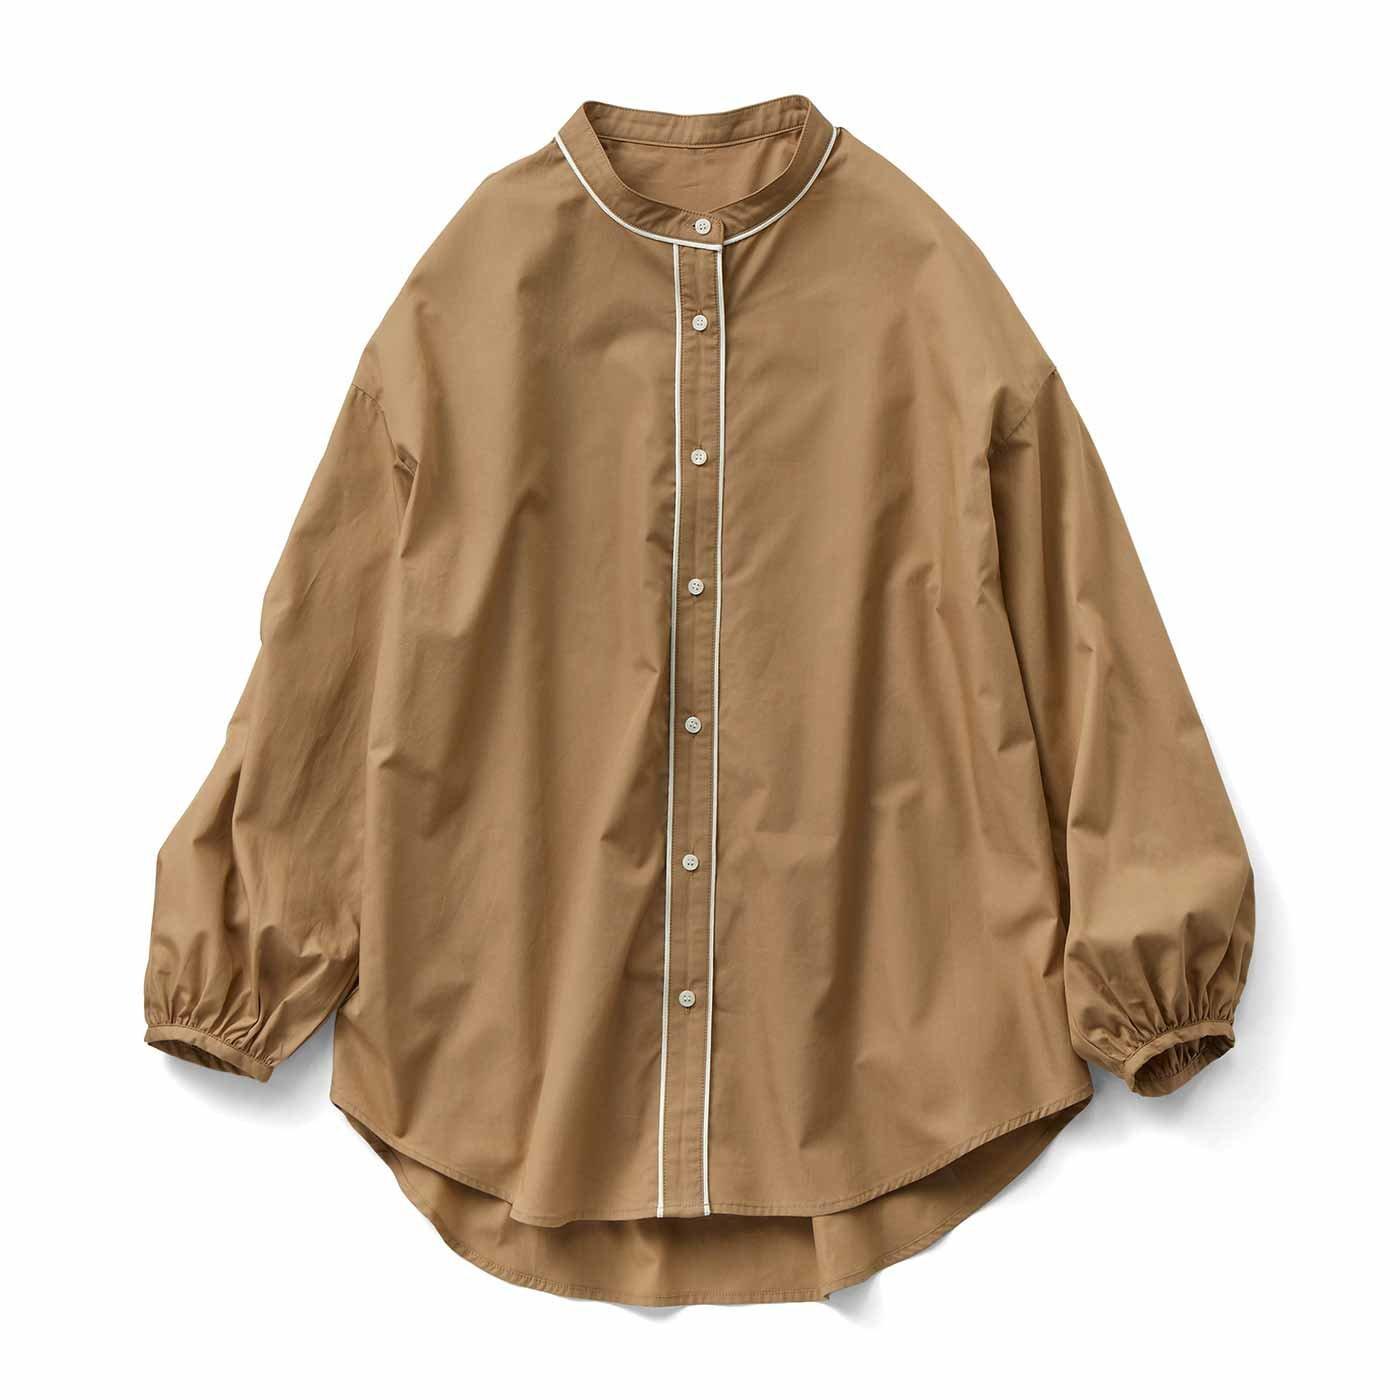 【3~10日でお届け】IEDIT[イディット] コーデのポイントになる きれいめパイピングシャツ〈ベージュ〉